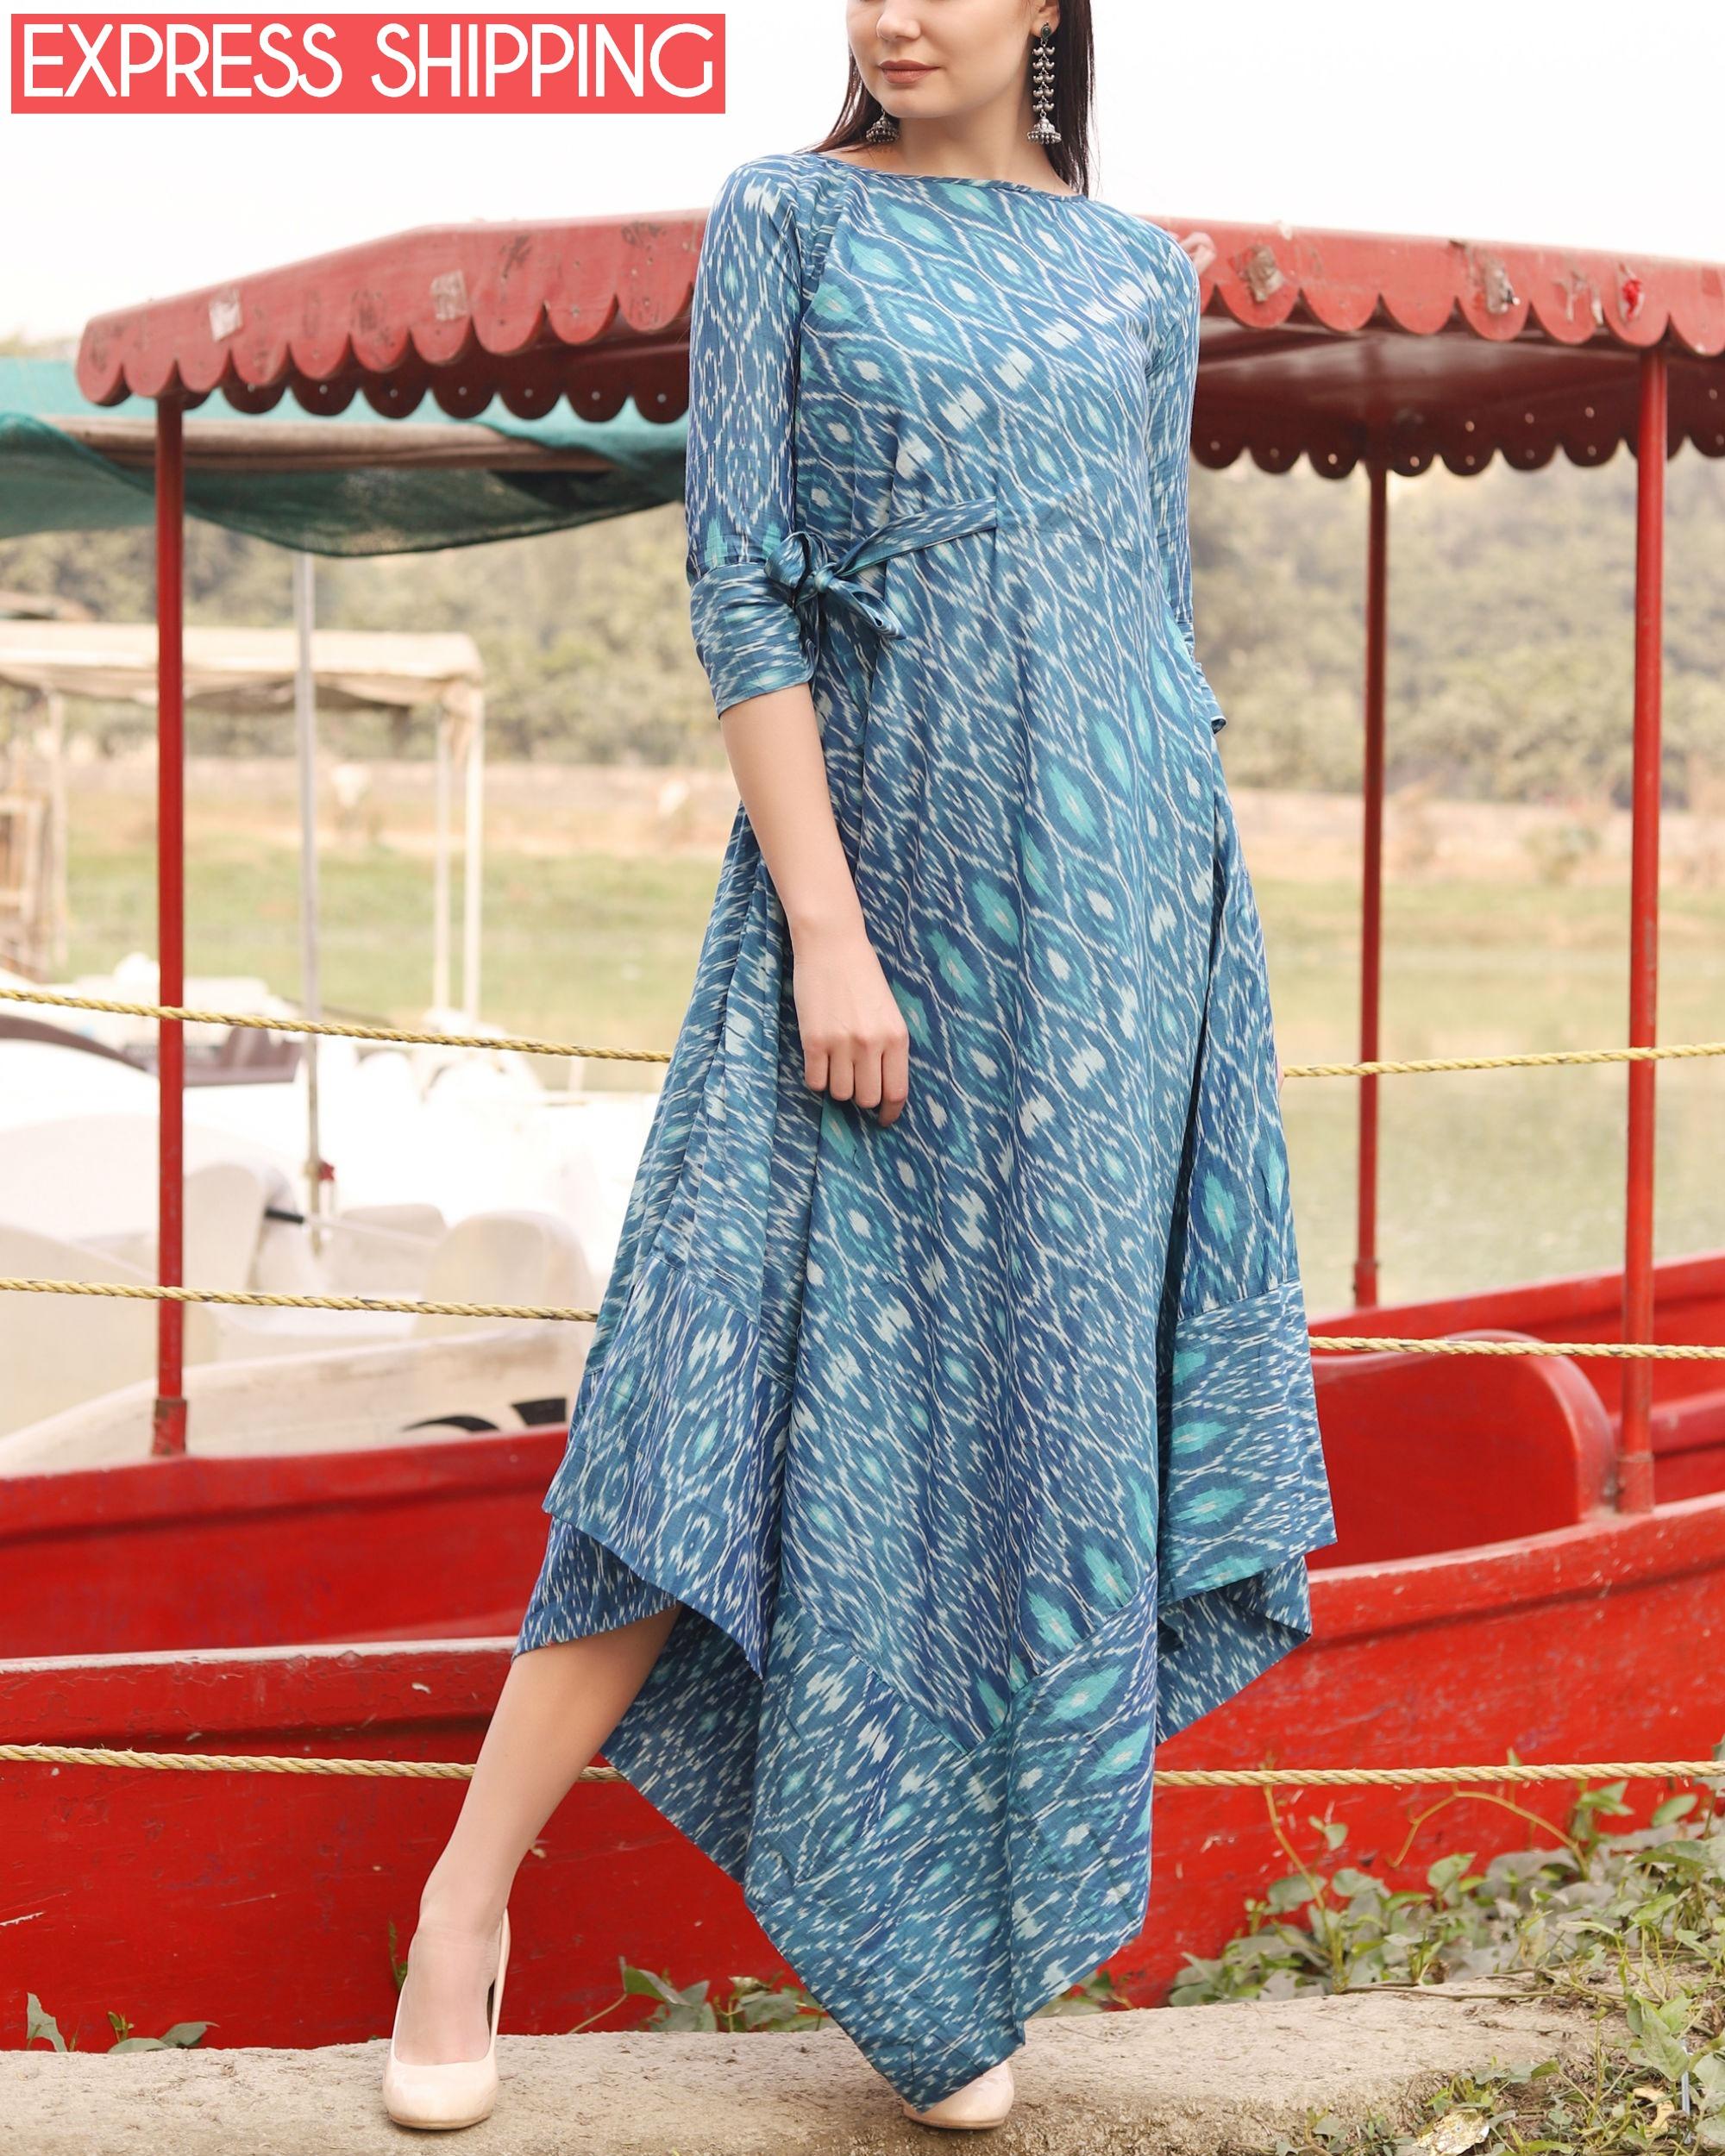 Blue ikat uneven hemline dress